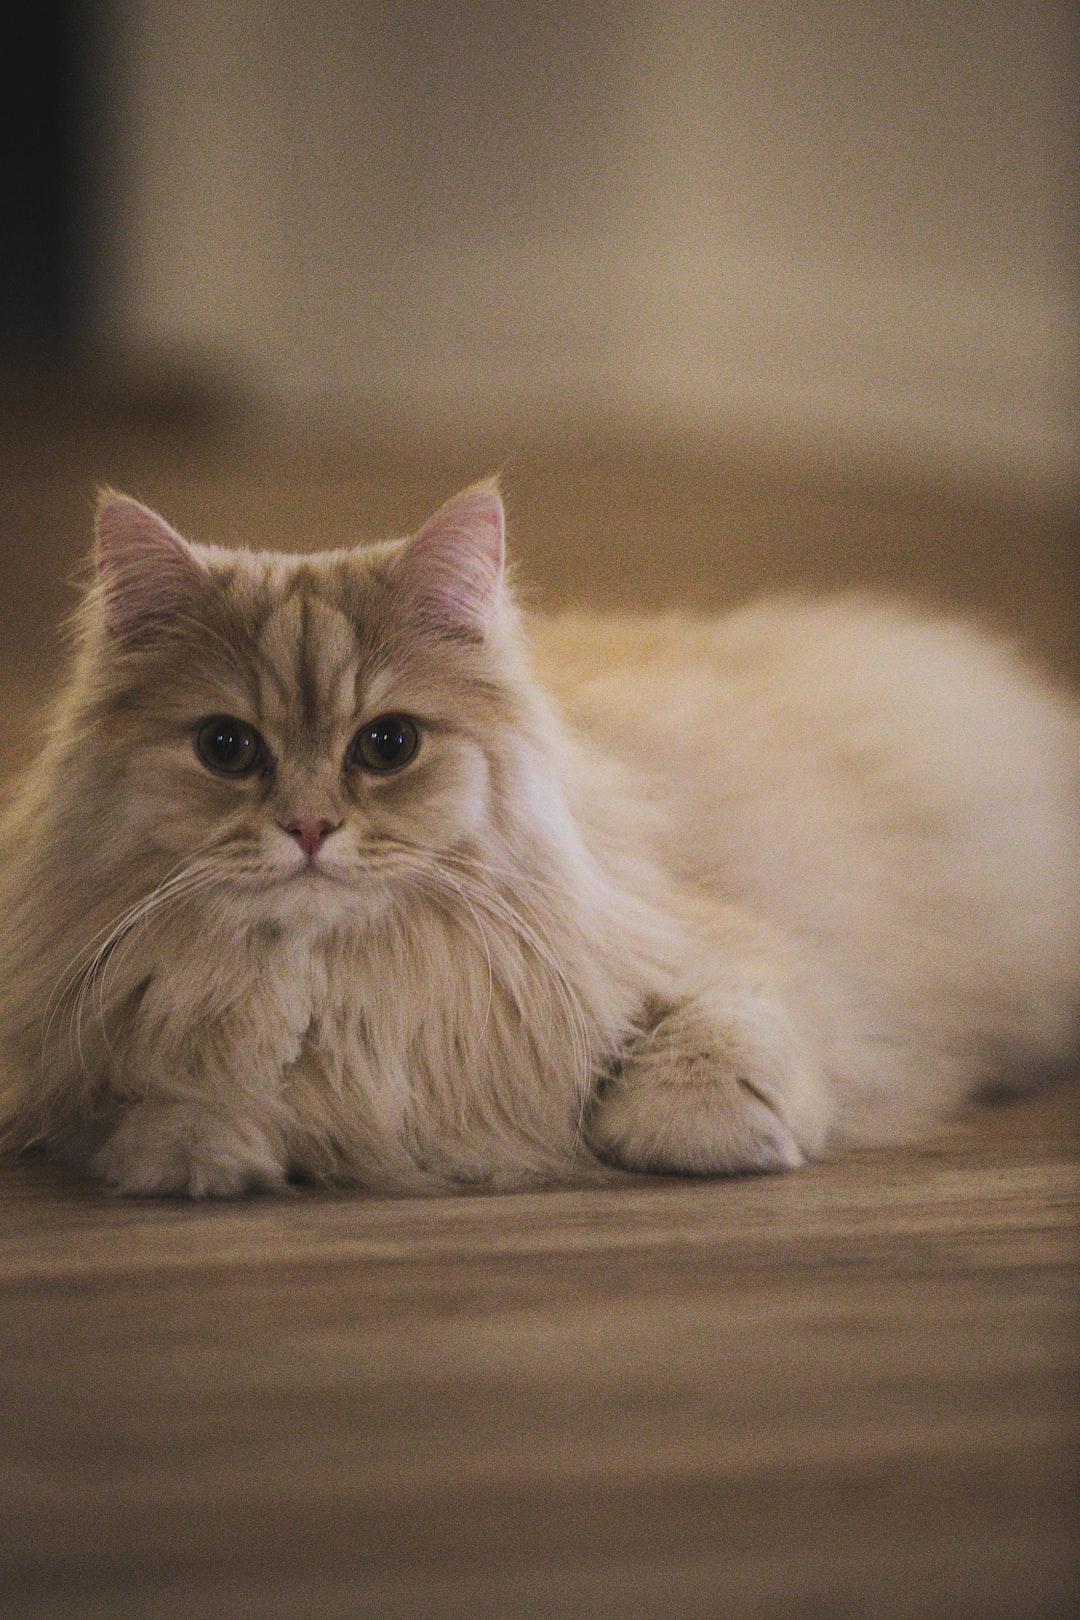 Cute Cat - persian - Norwegian forest cat.